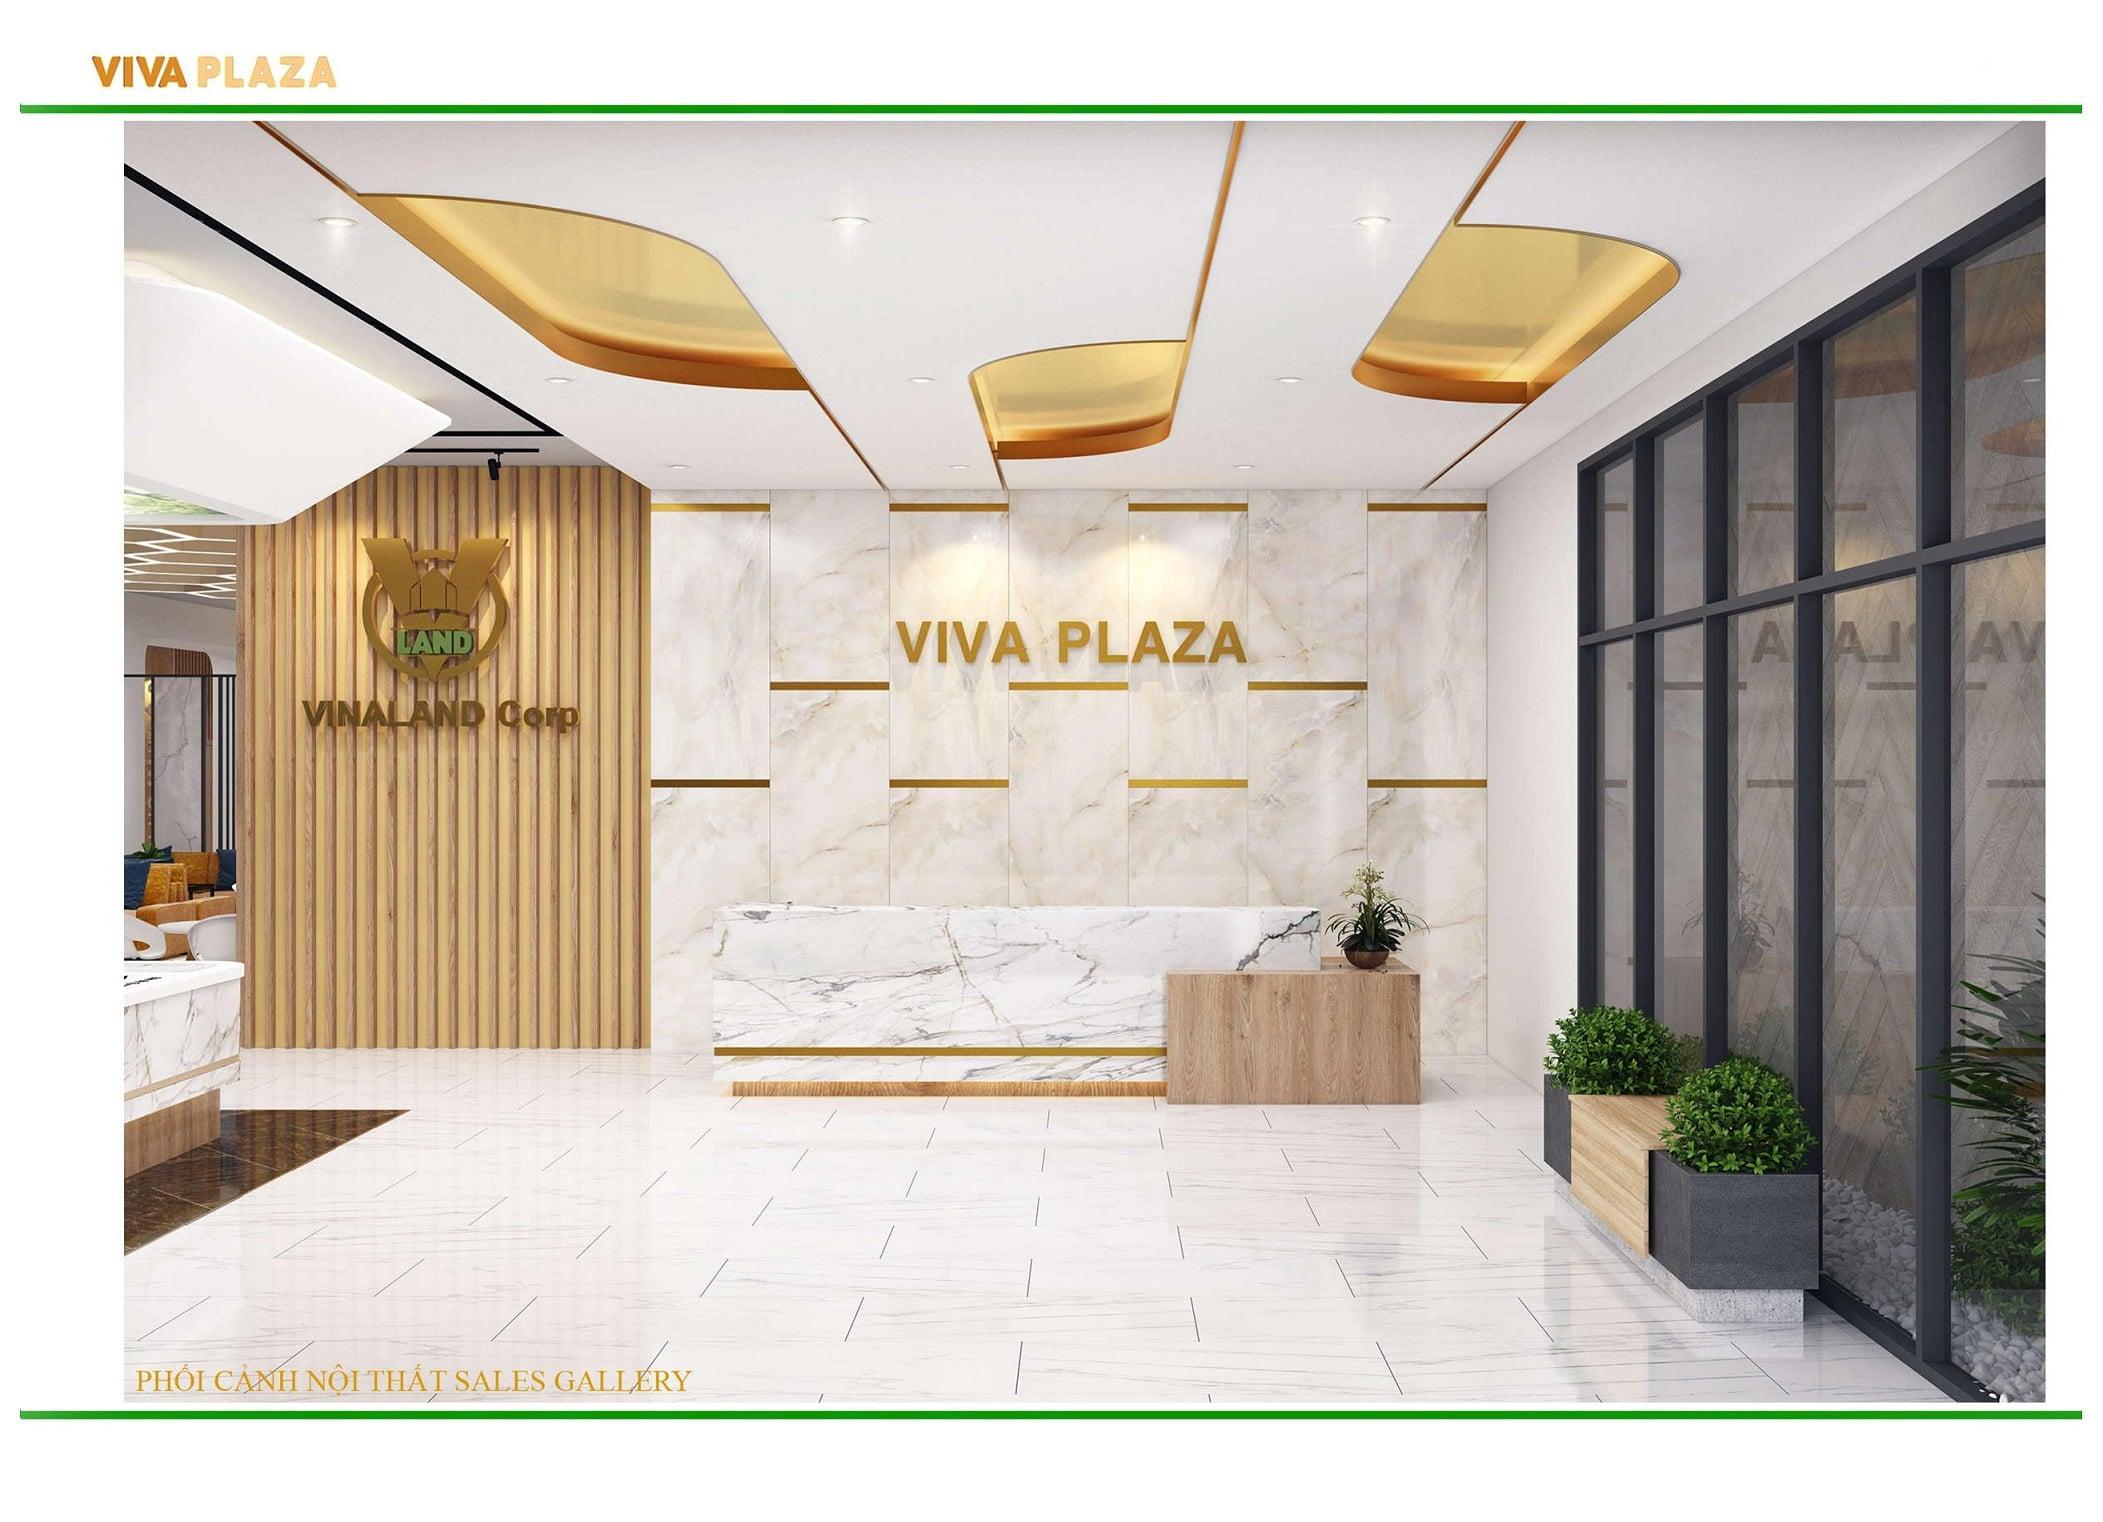 sảnh dự án viva plaza